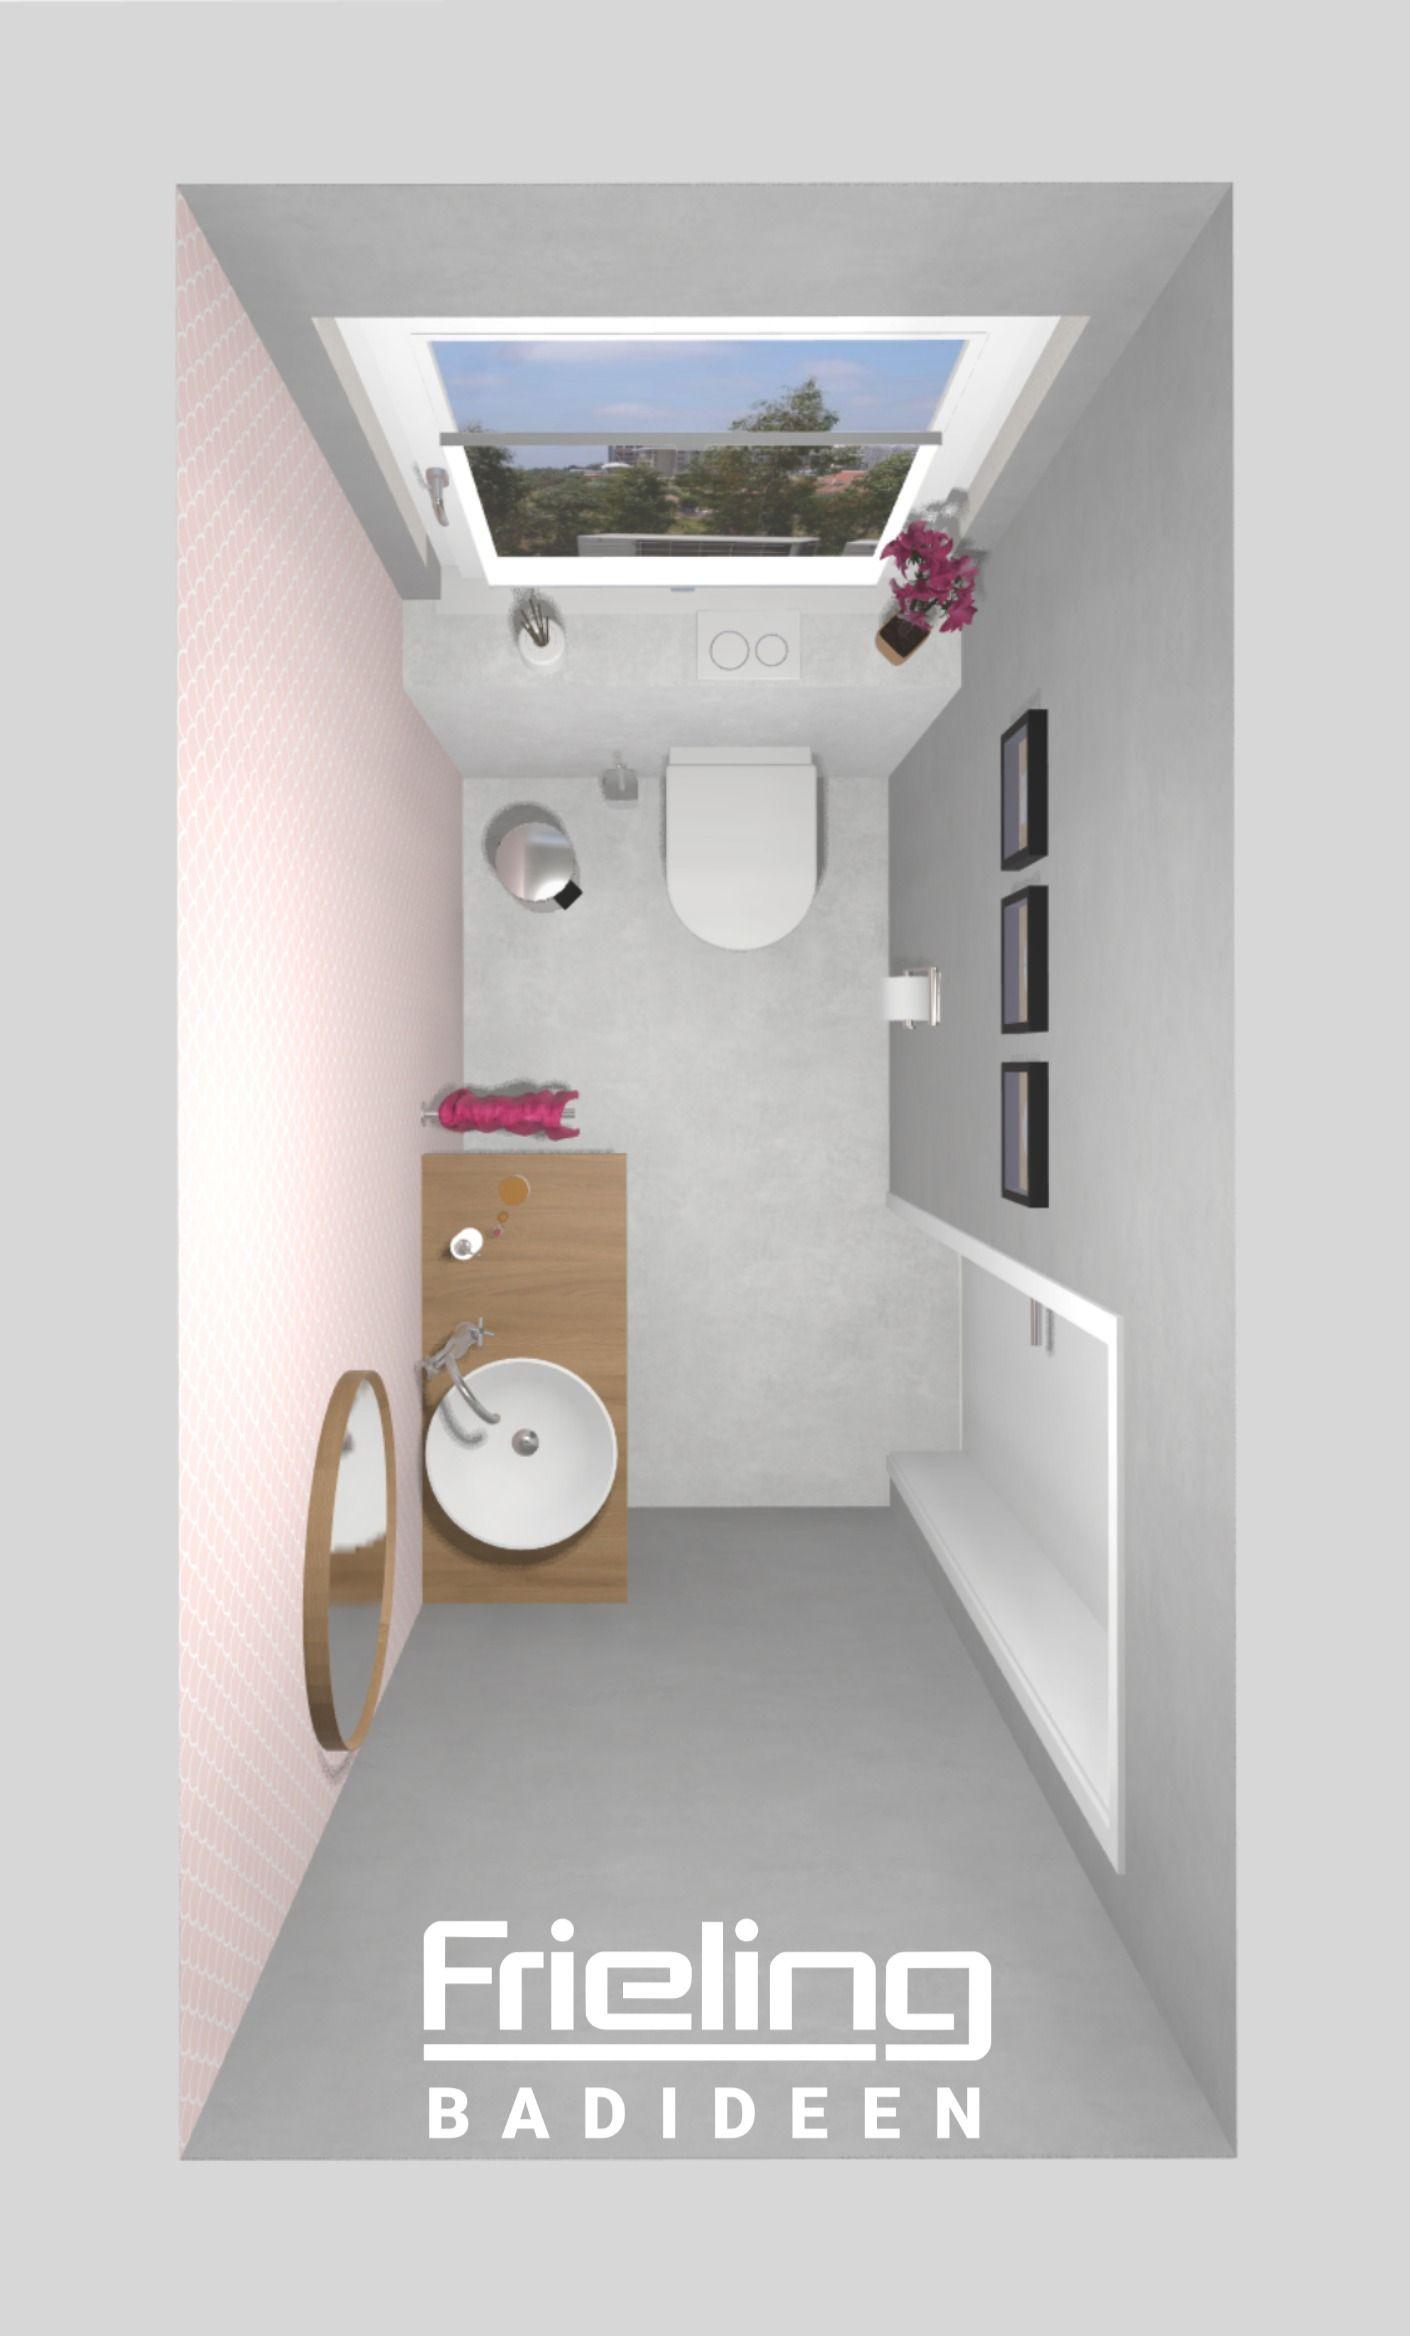 Wirkung Von Farbe 3d Planung Platz Auf 2 Qm Traum Vom Gastebad Clevere Aufteilung In 2020 Gaste Wc Rosa Grau Gastebad